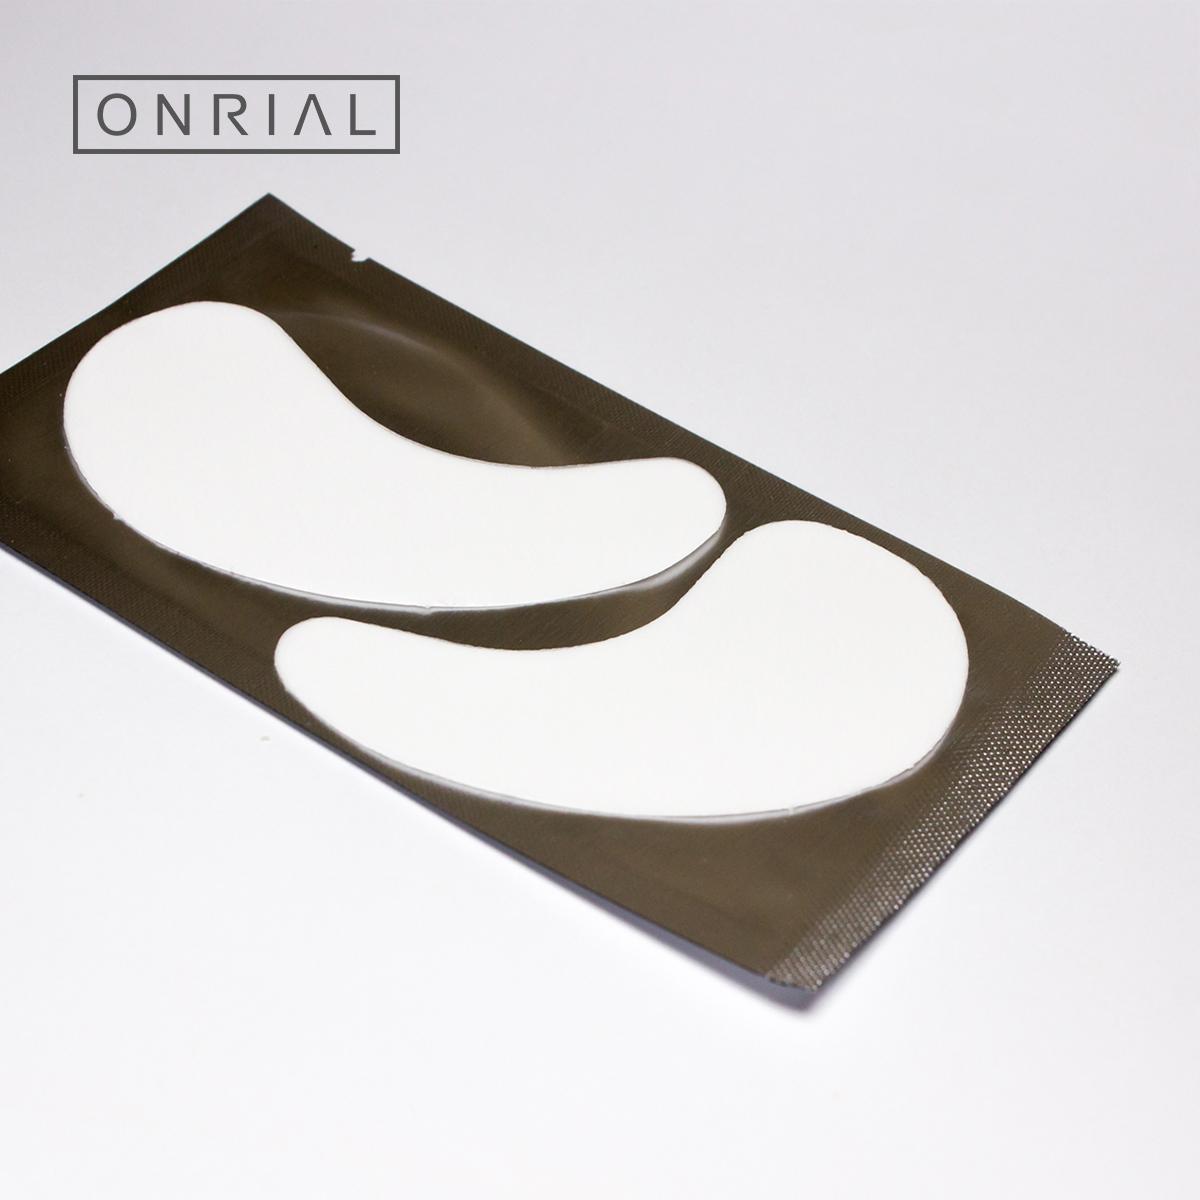 Патчи гелевые (1шт. в упаковке) Onrial